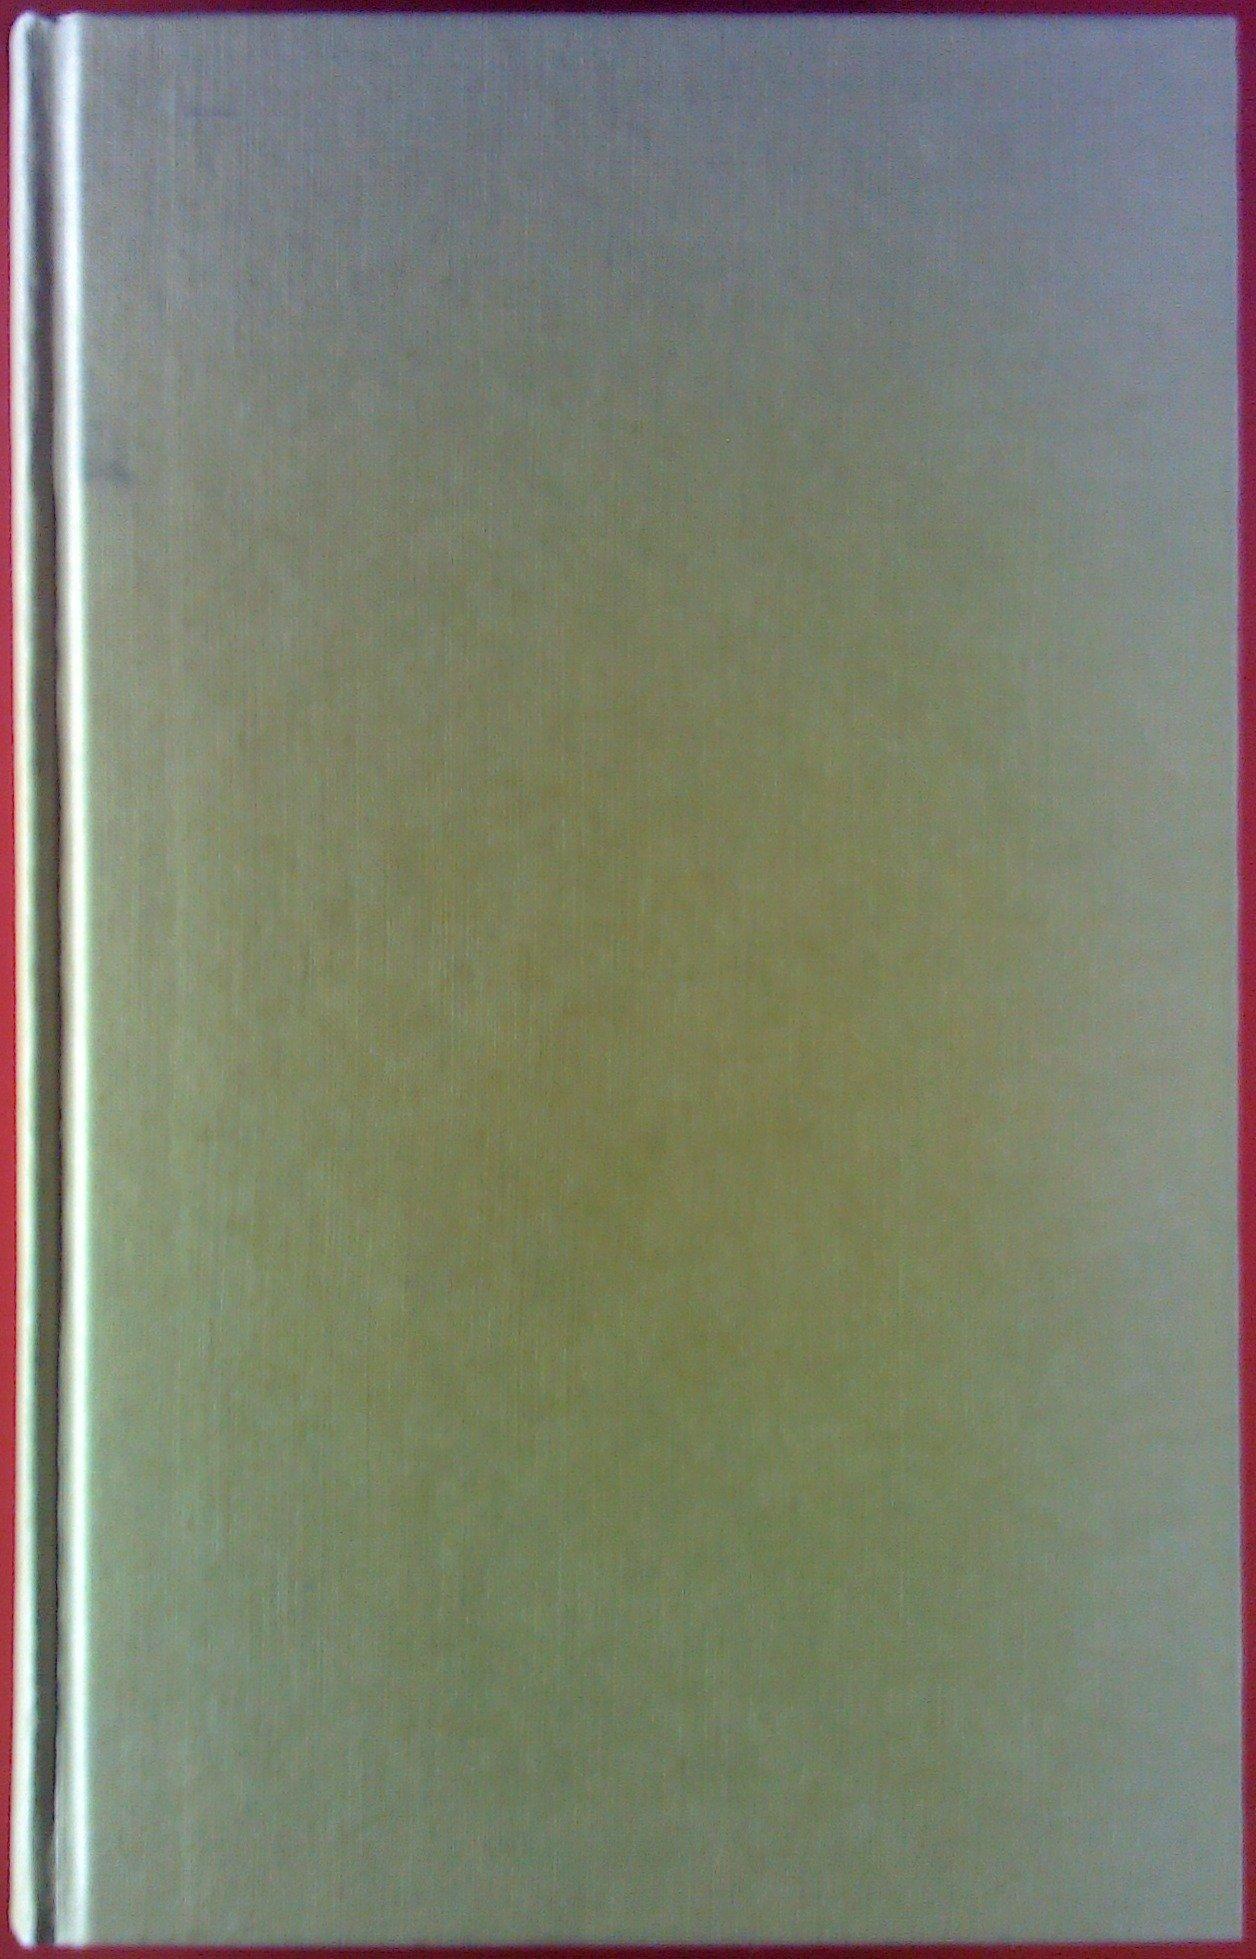 Der Schrei nach Leben. Ein Dokument der Menschlichkeit.